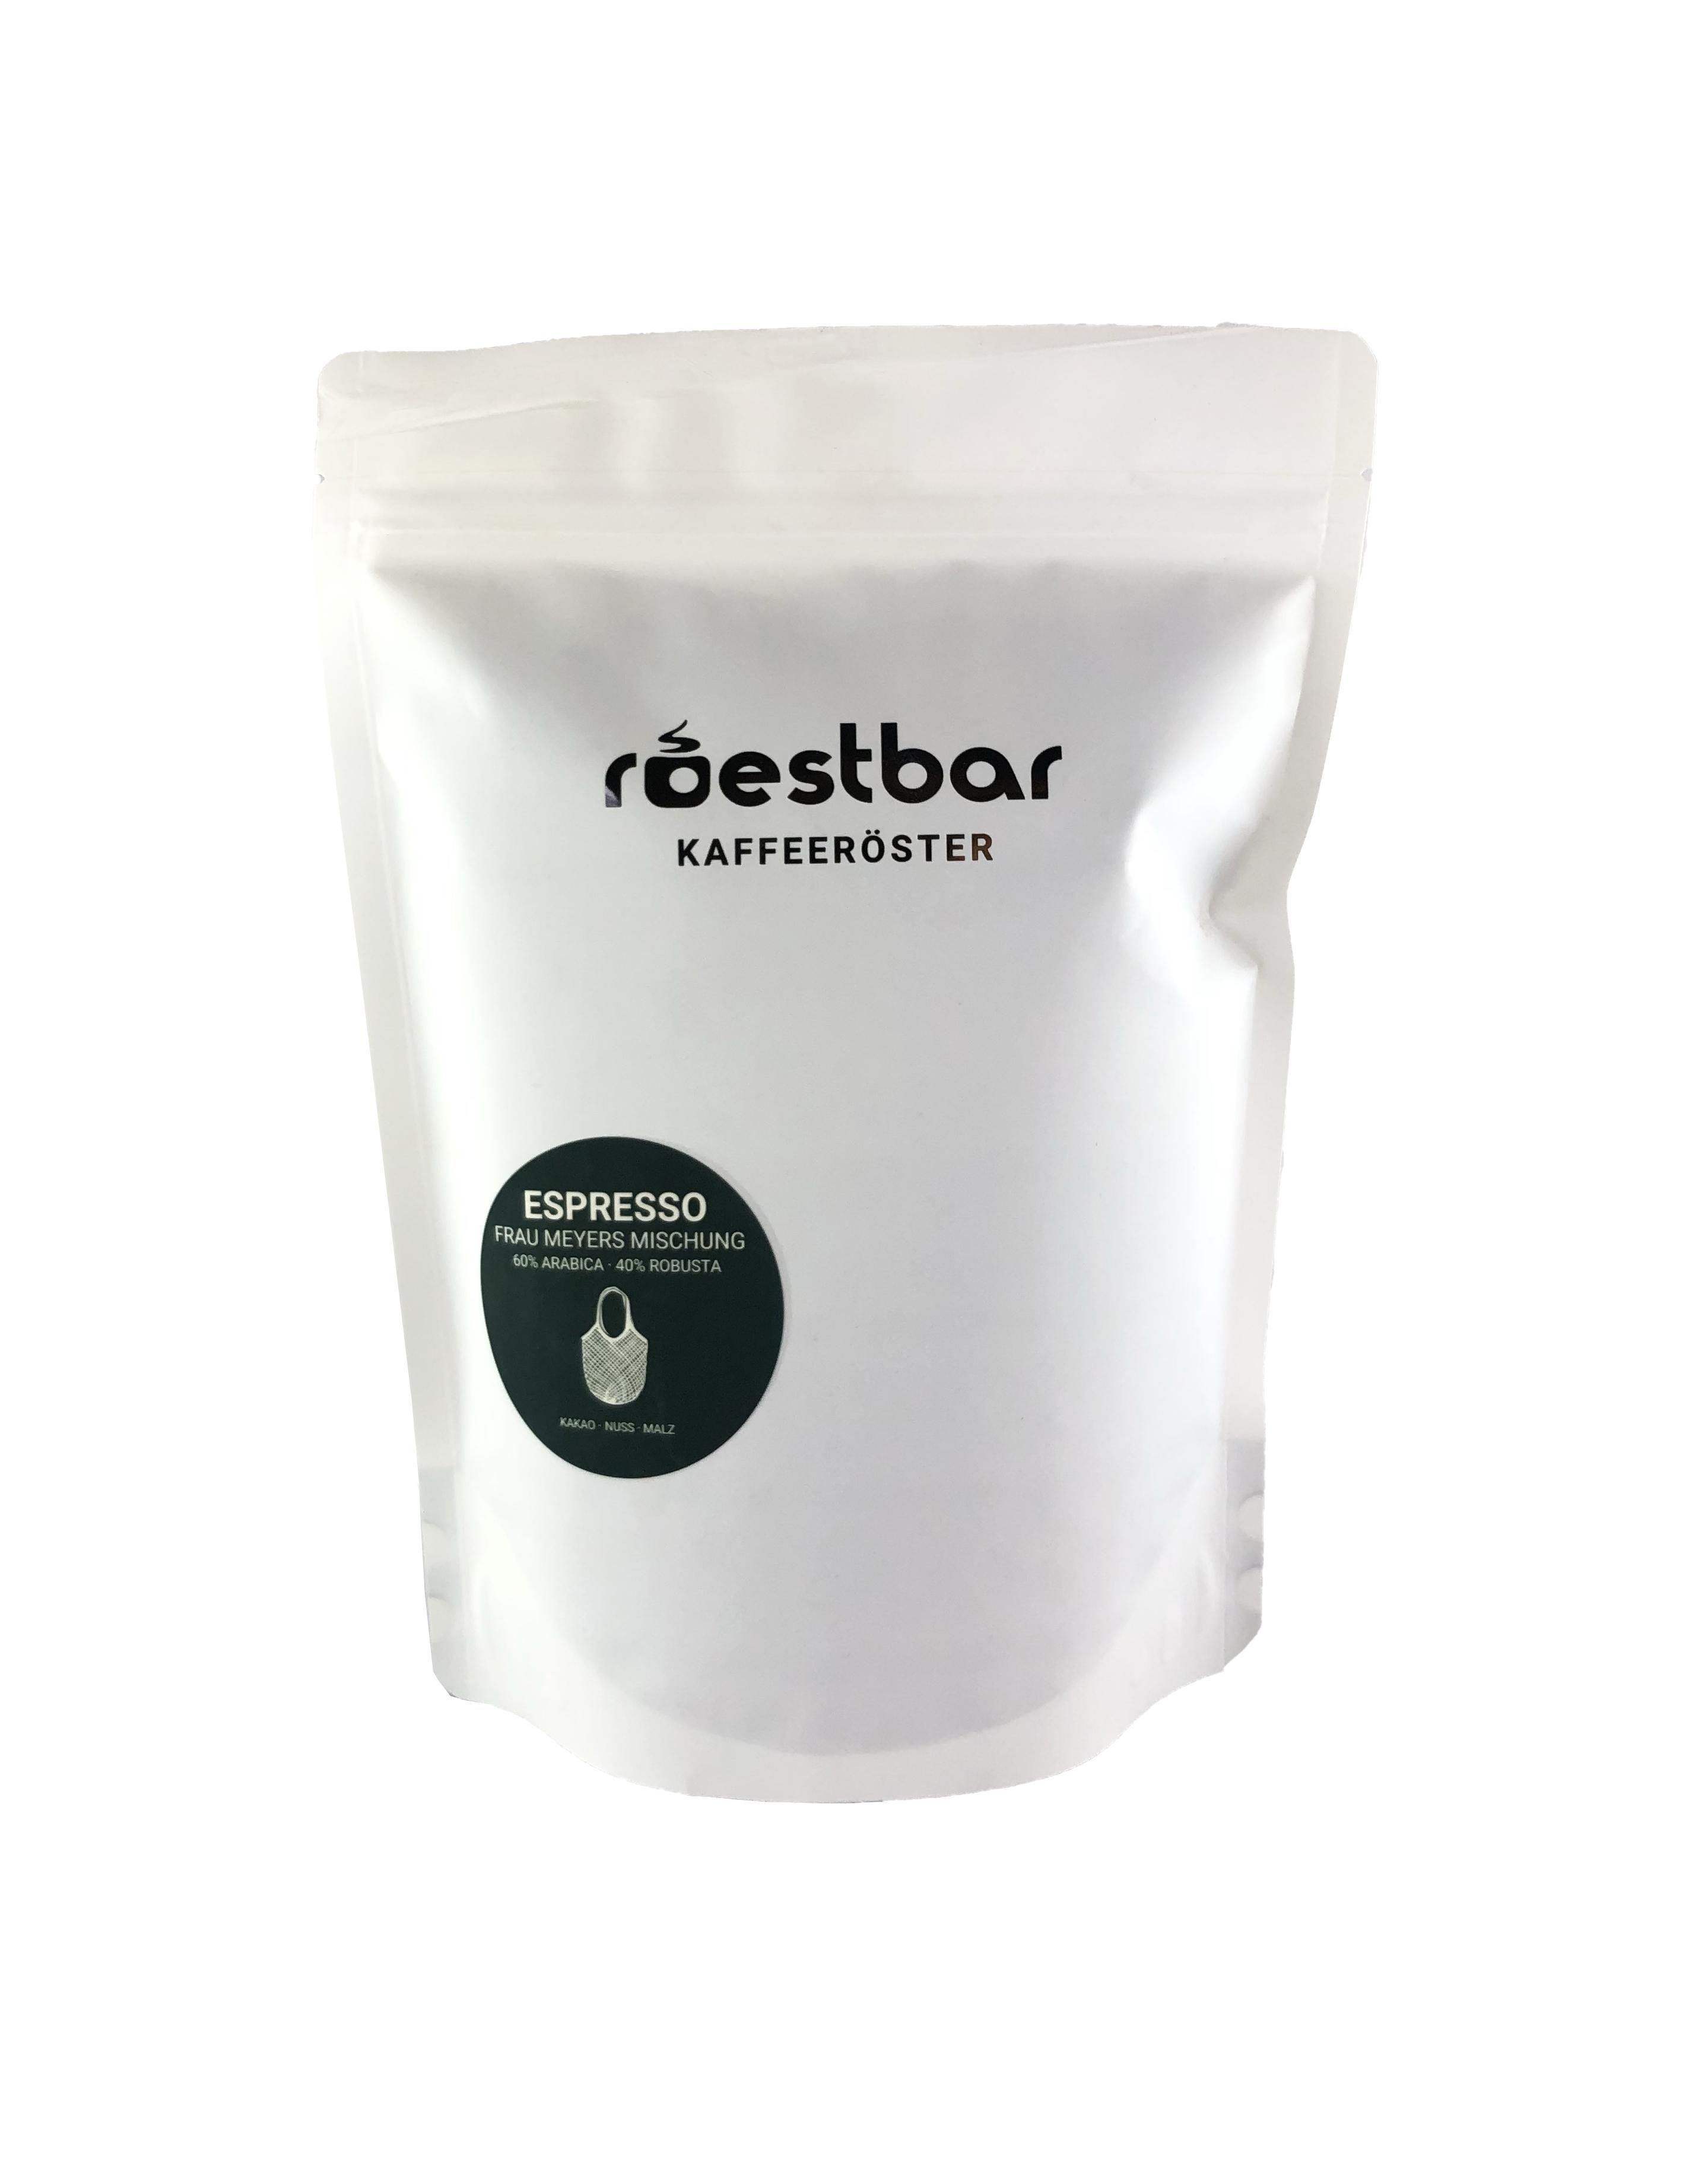 roestbar 500g Espresso Frau Meyers Mischung (grün)